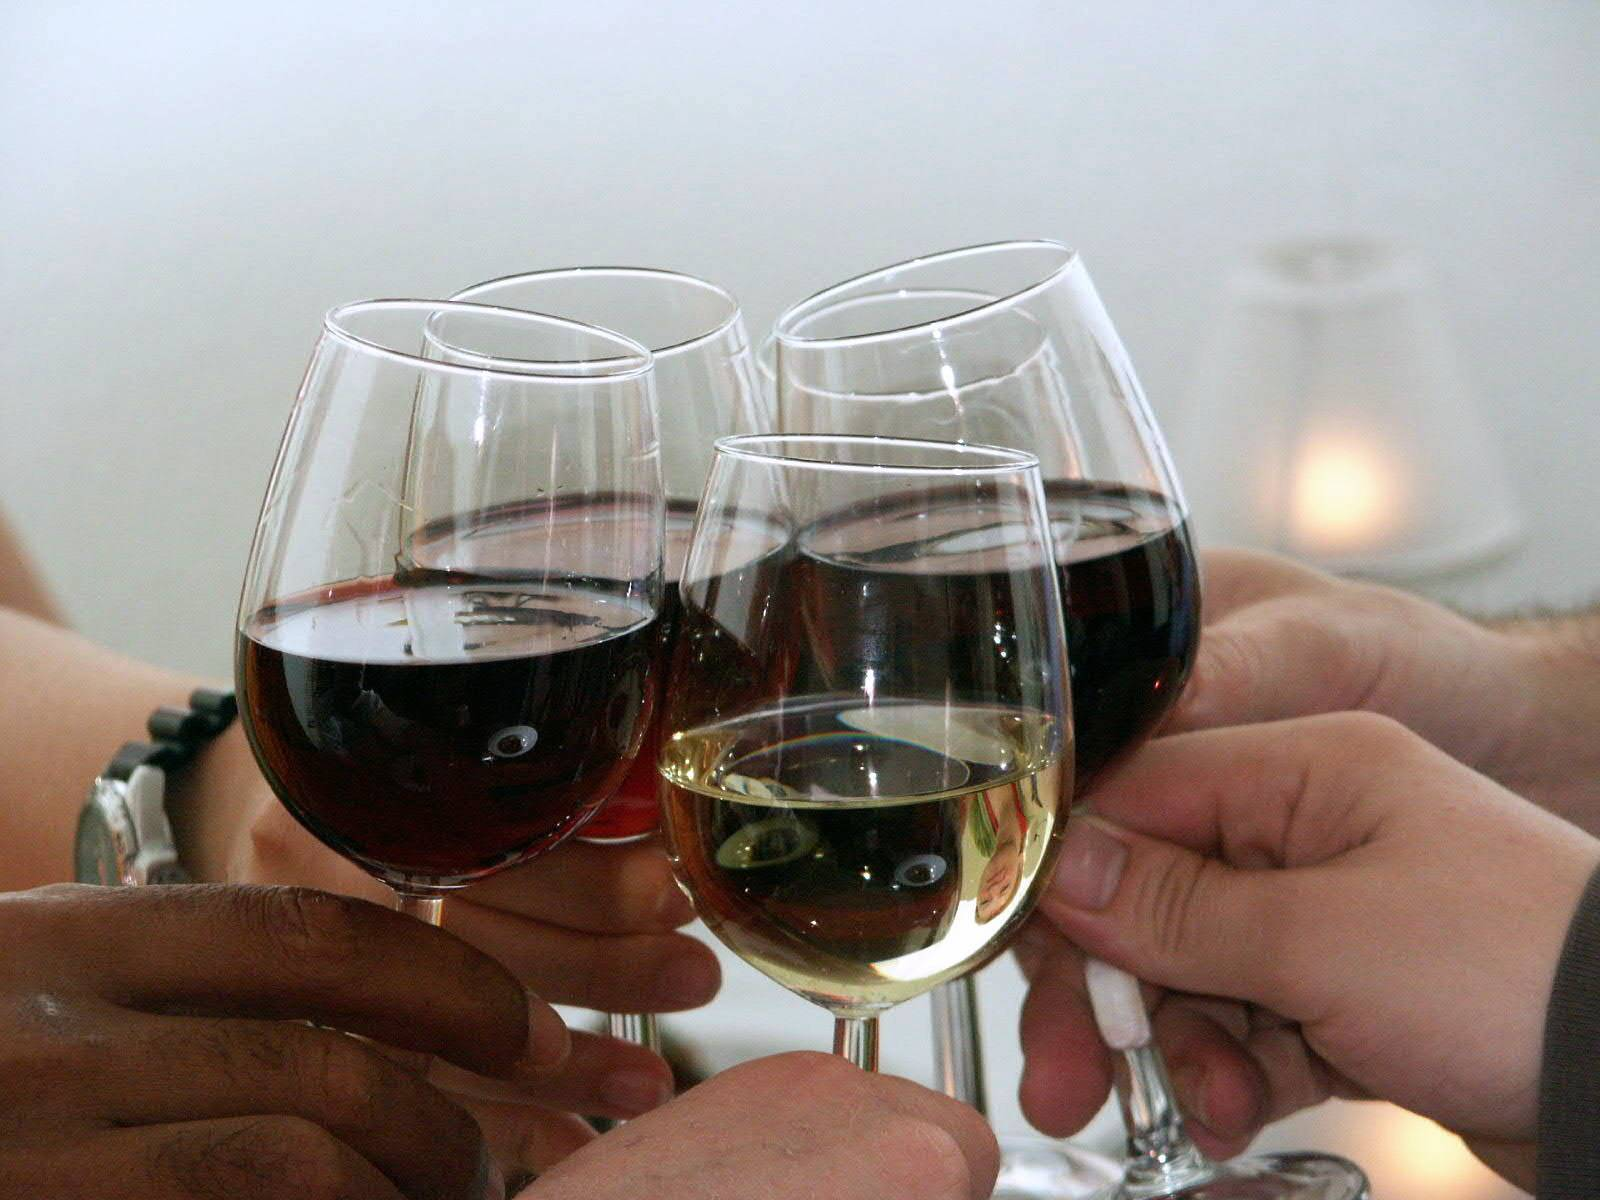 Кириллица   почему люди на самом деле чокаются бокалами перед тем, как выпить